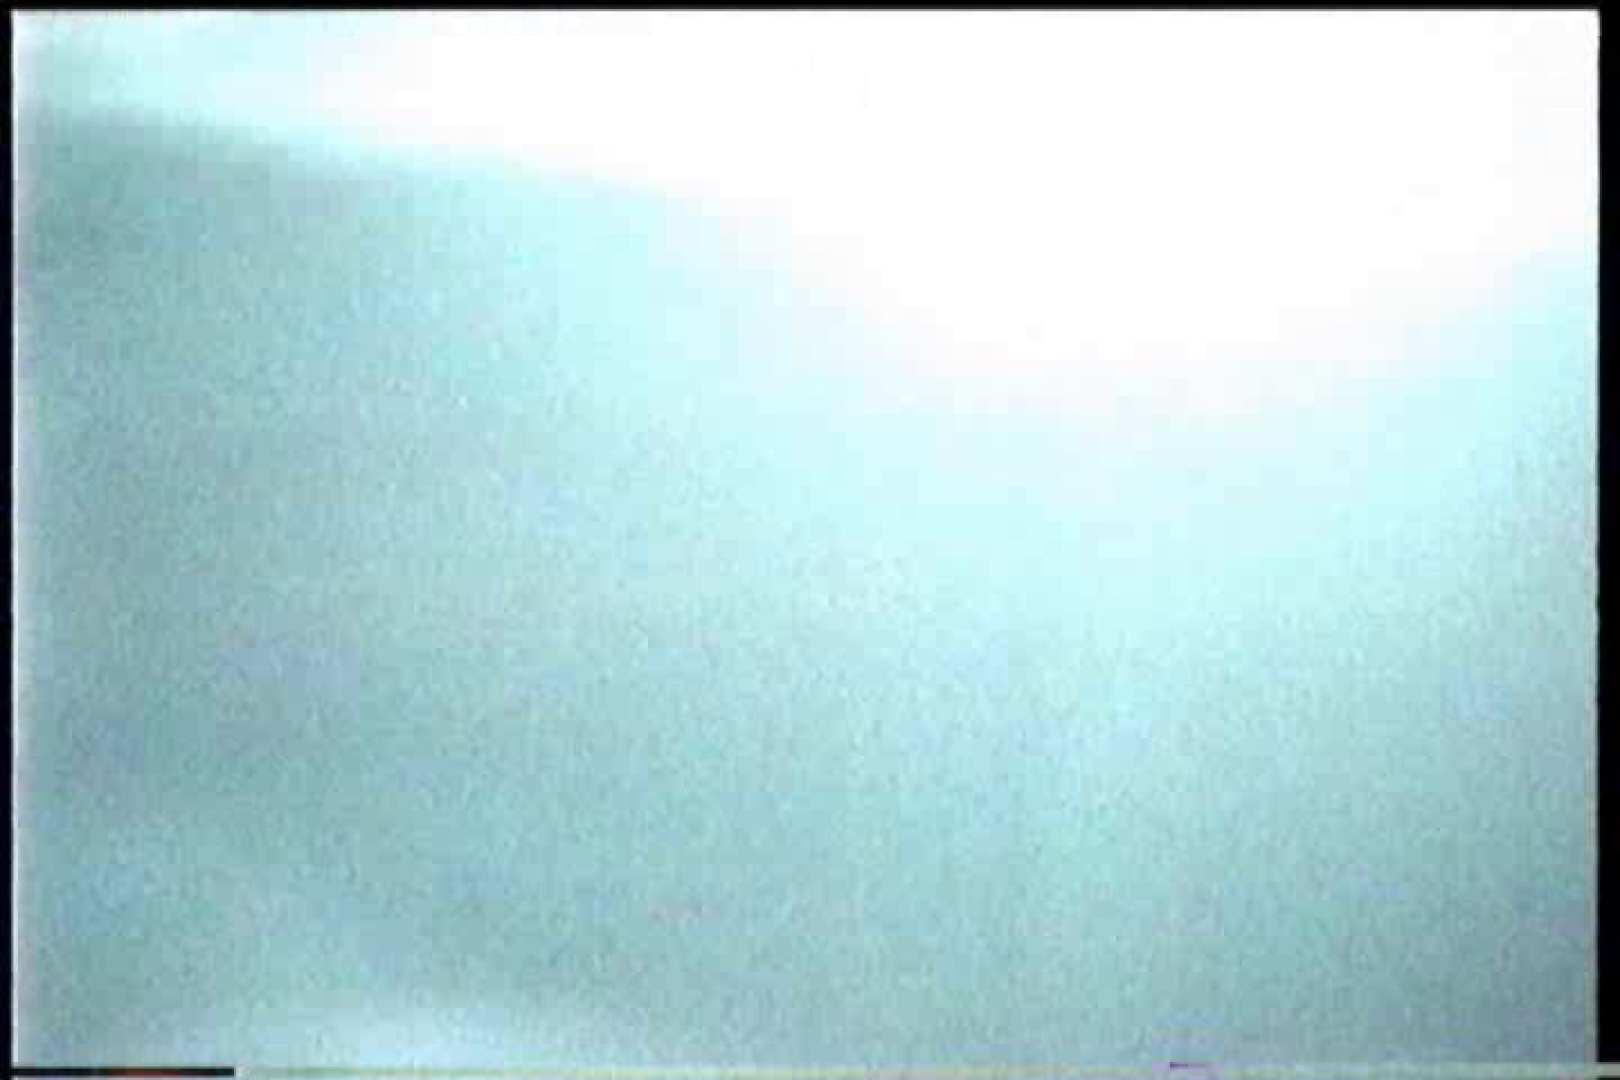 充血監督の深夜の運動会Vol.182 パンツ大放出   OLの実態  30pic 1